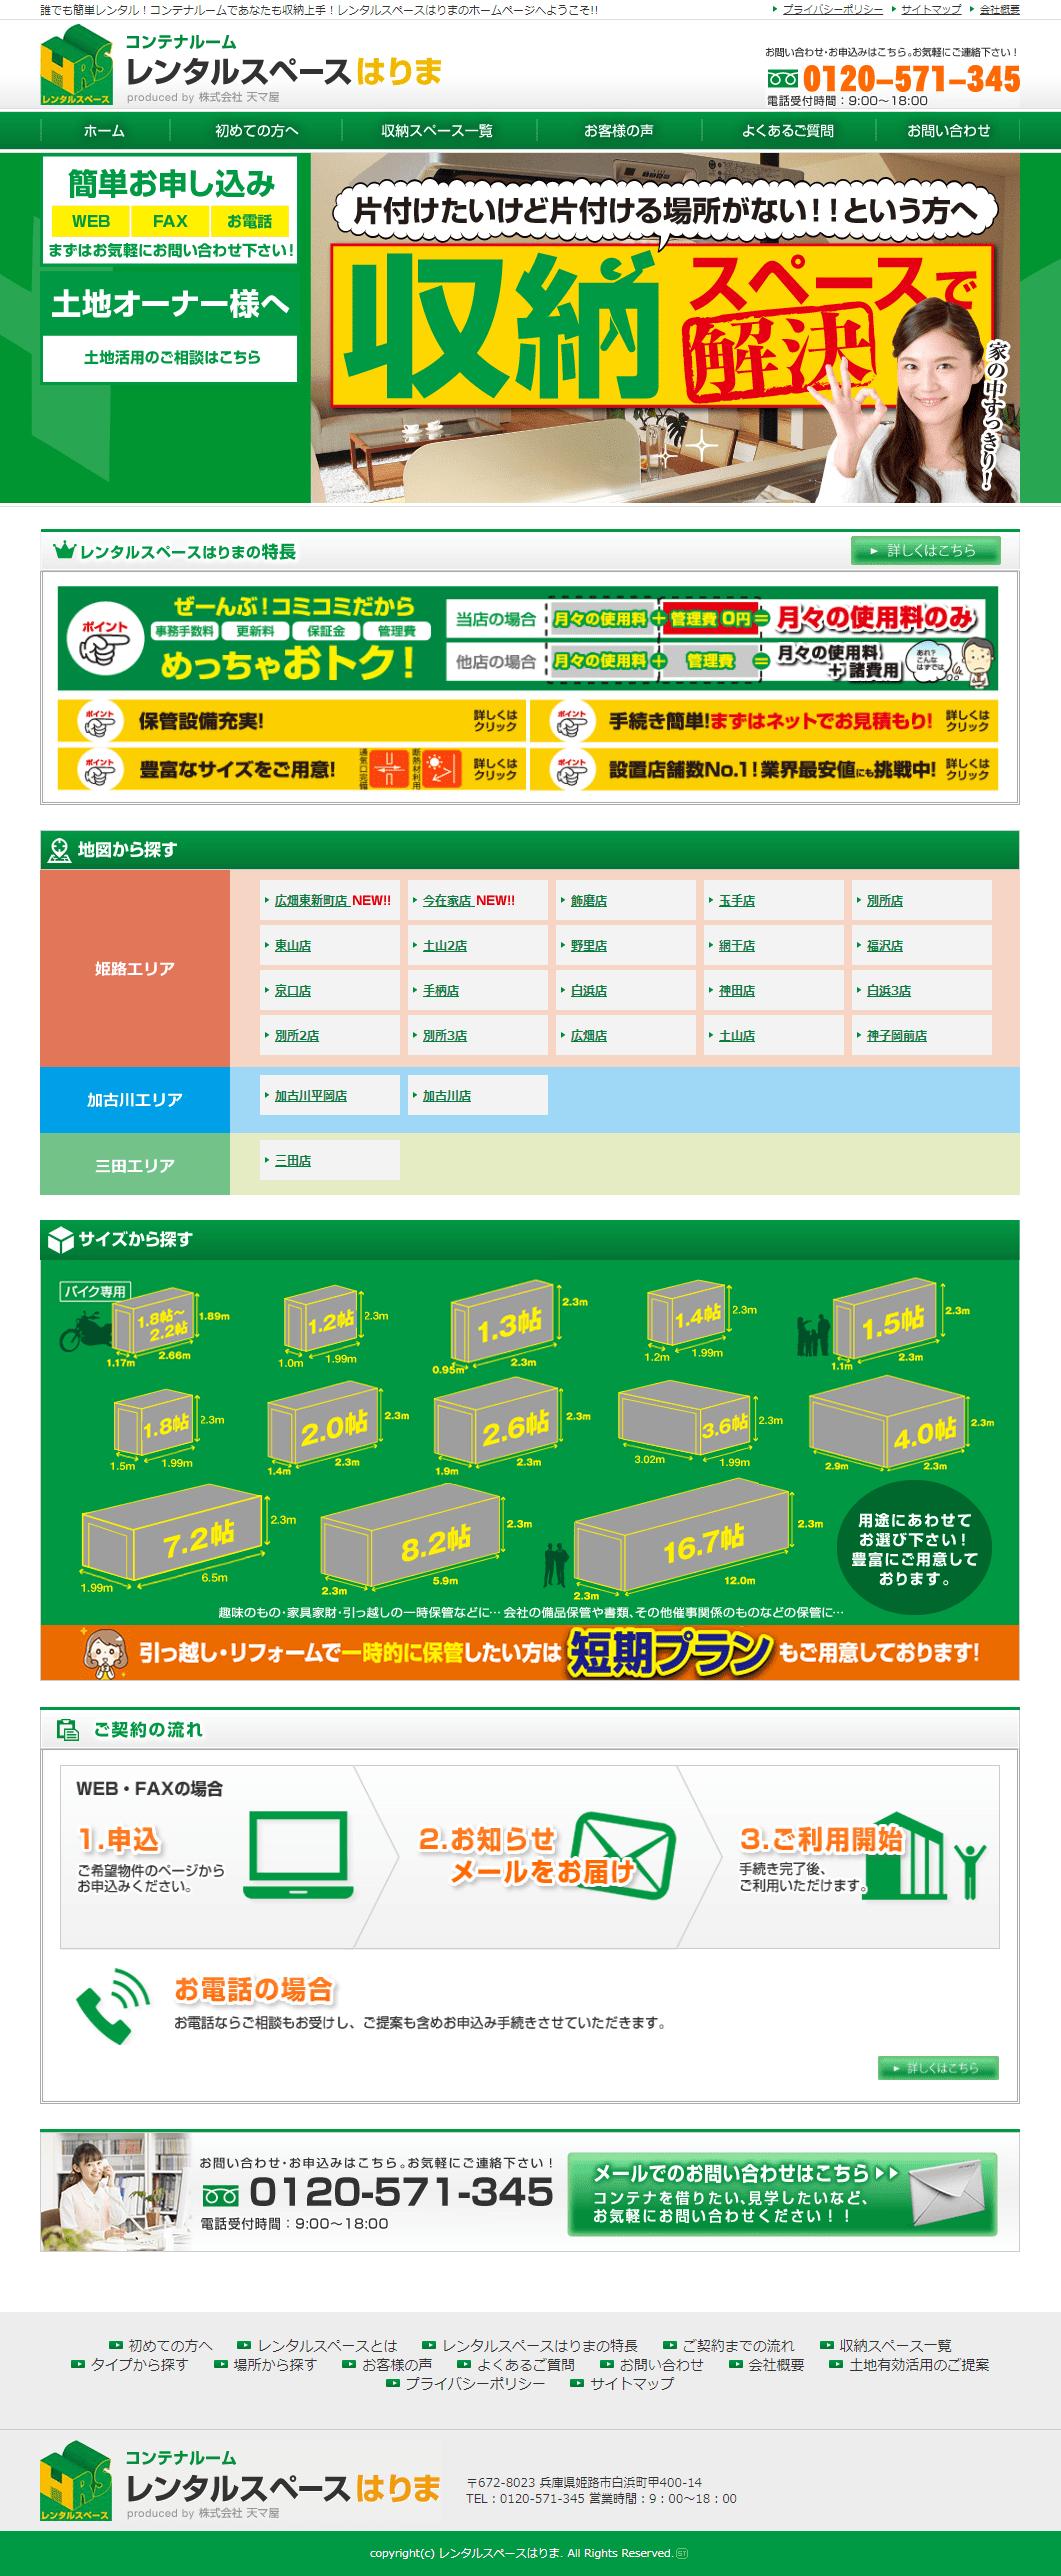 姫路市 レンタルスペースはりま様 ホームページ制作1